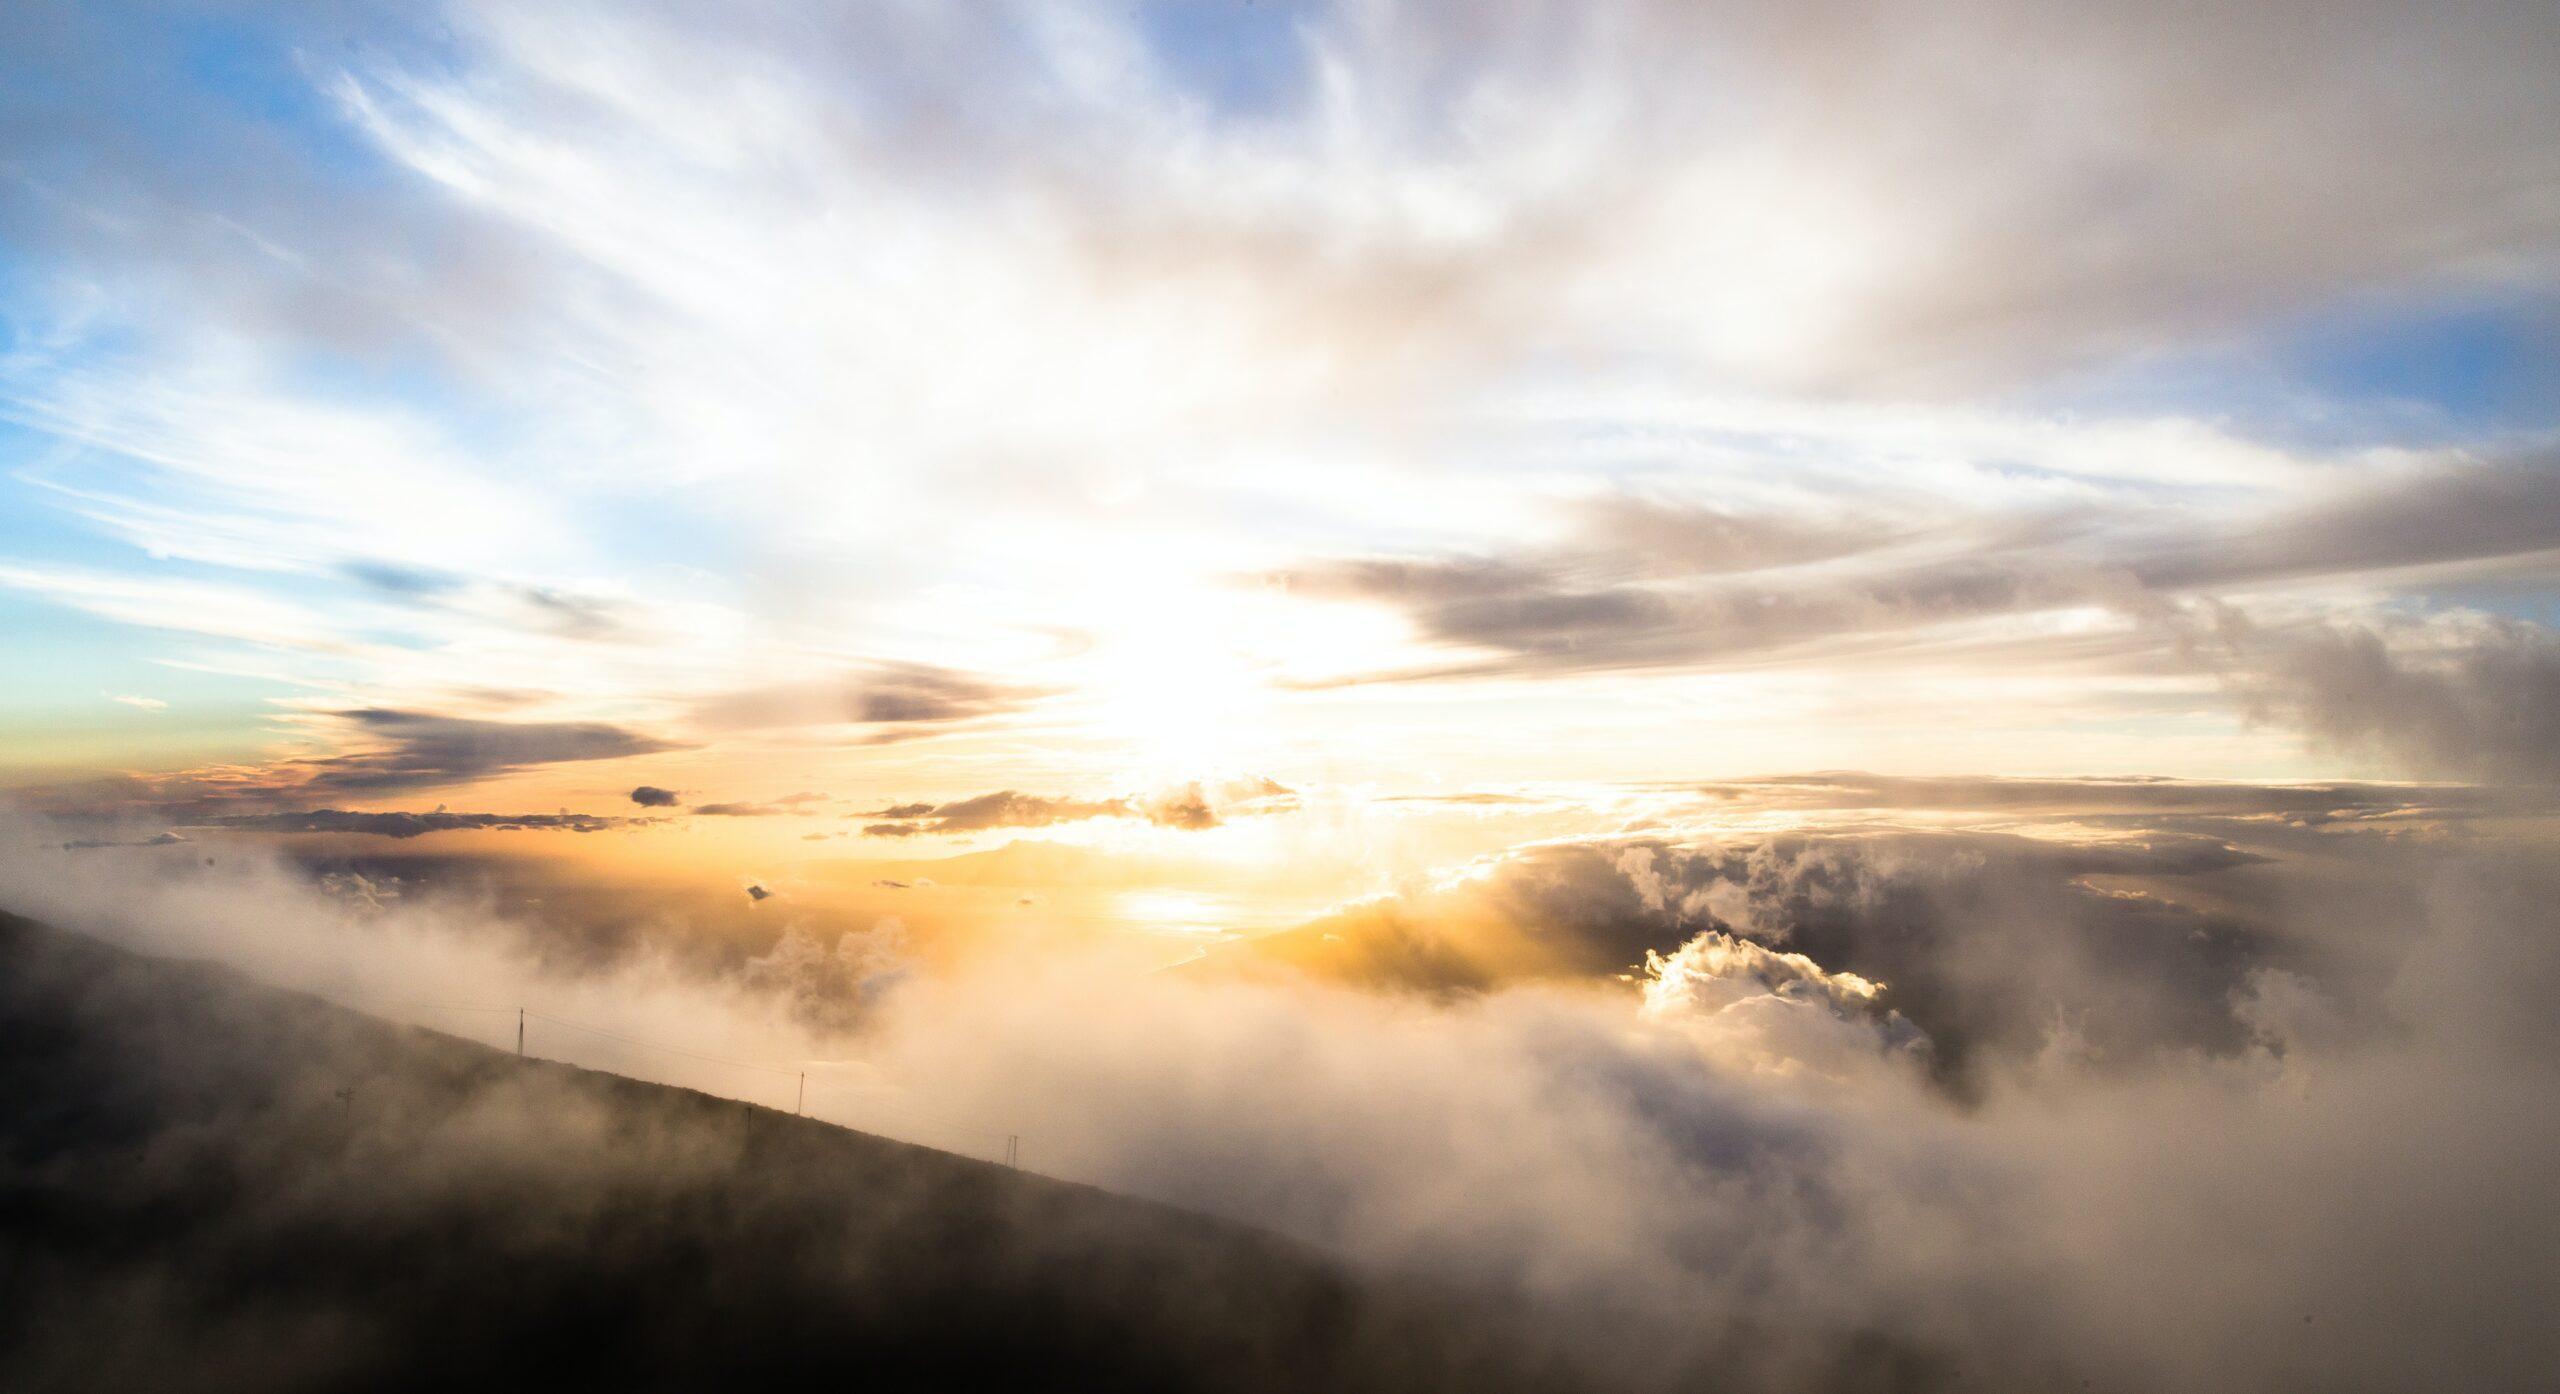 Reflexiones de Esperanza: El Arca del Pacto – Parte 8: La agenda después de la cueva (Las responsabilidades que impone la Gloria de Dios)